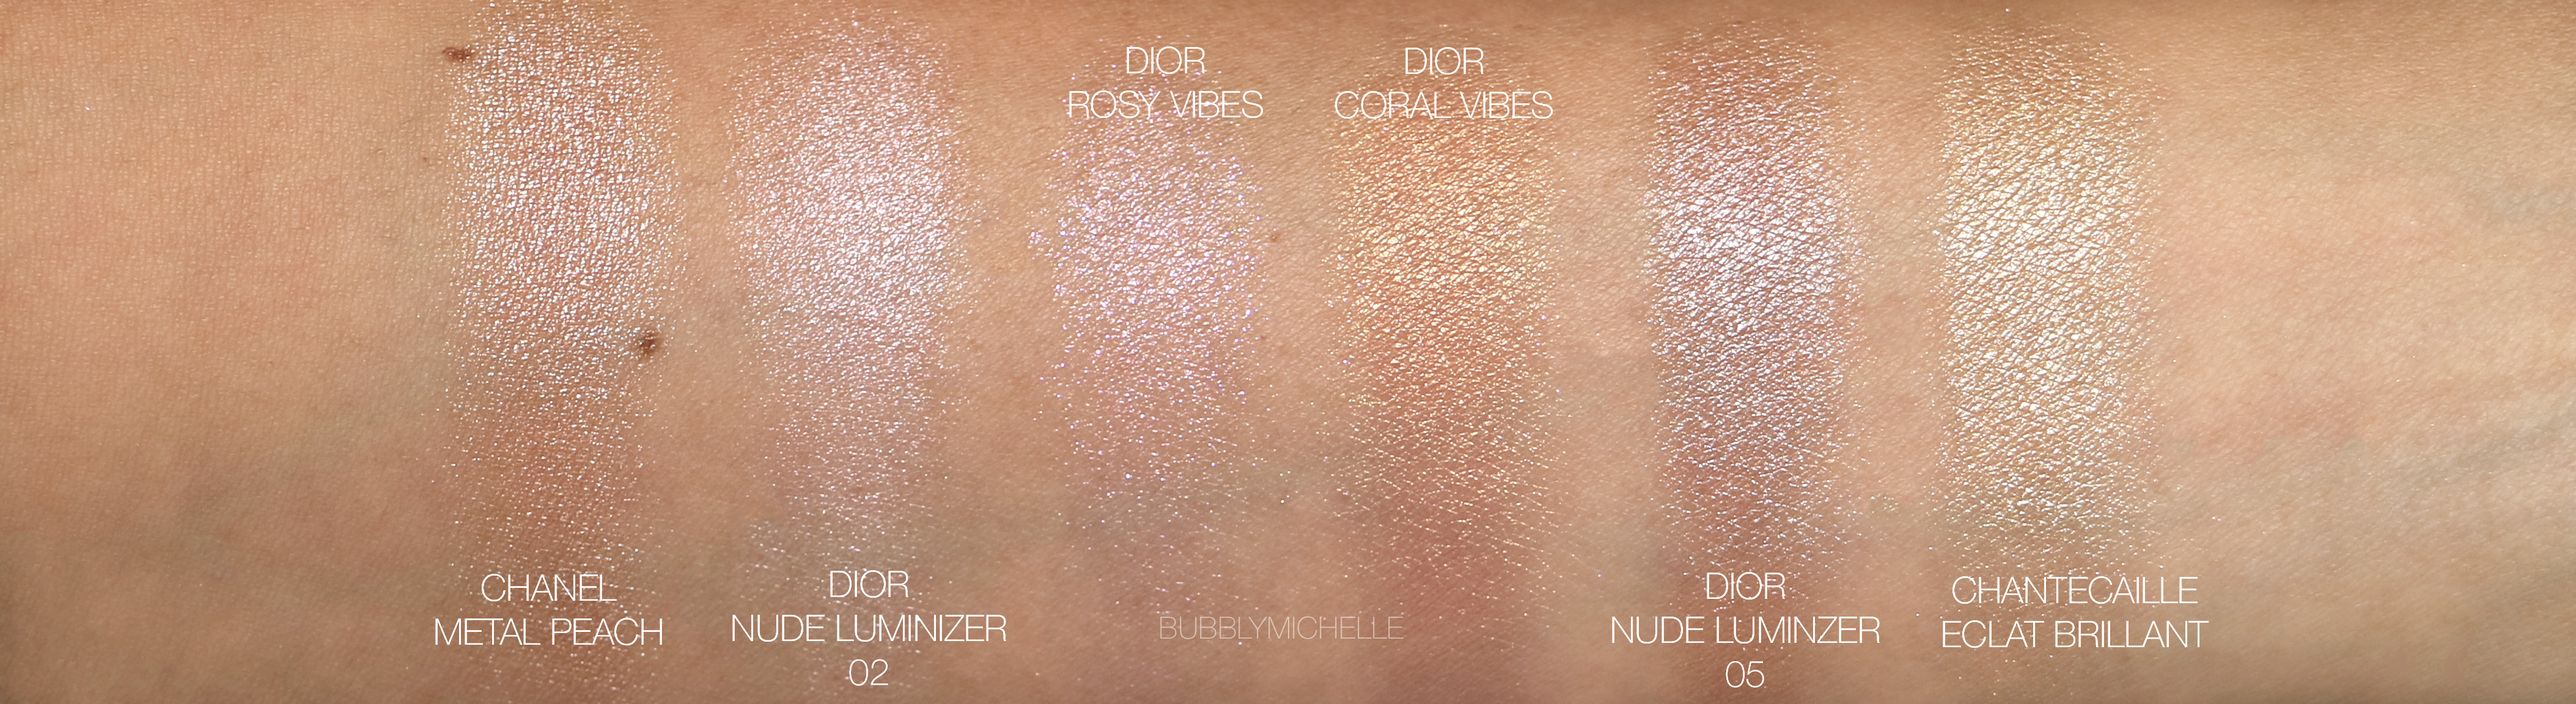 Dior nude luminizer